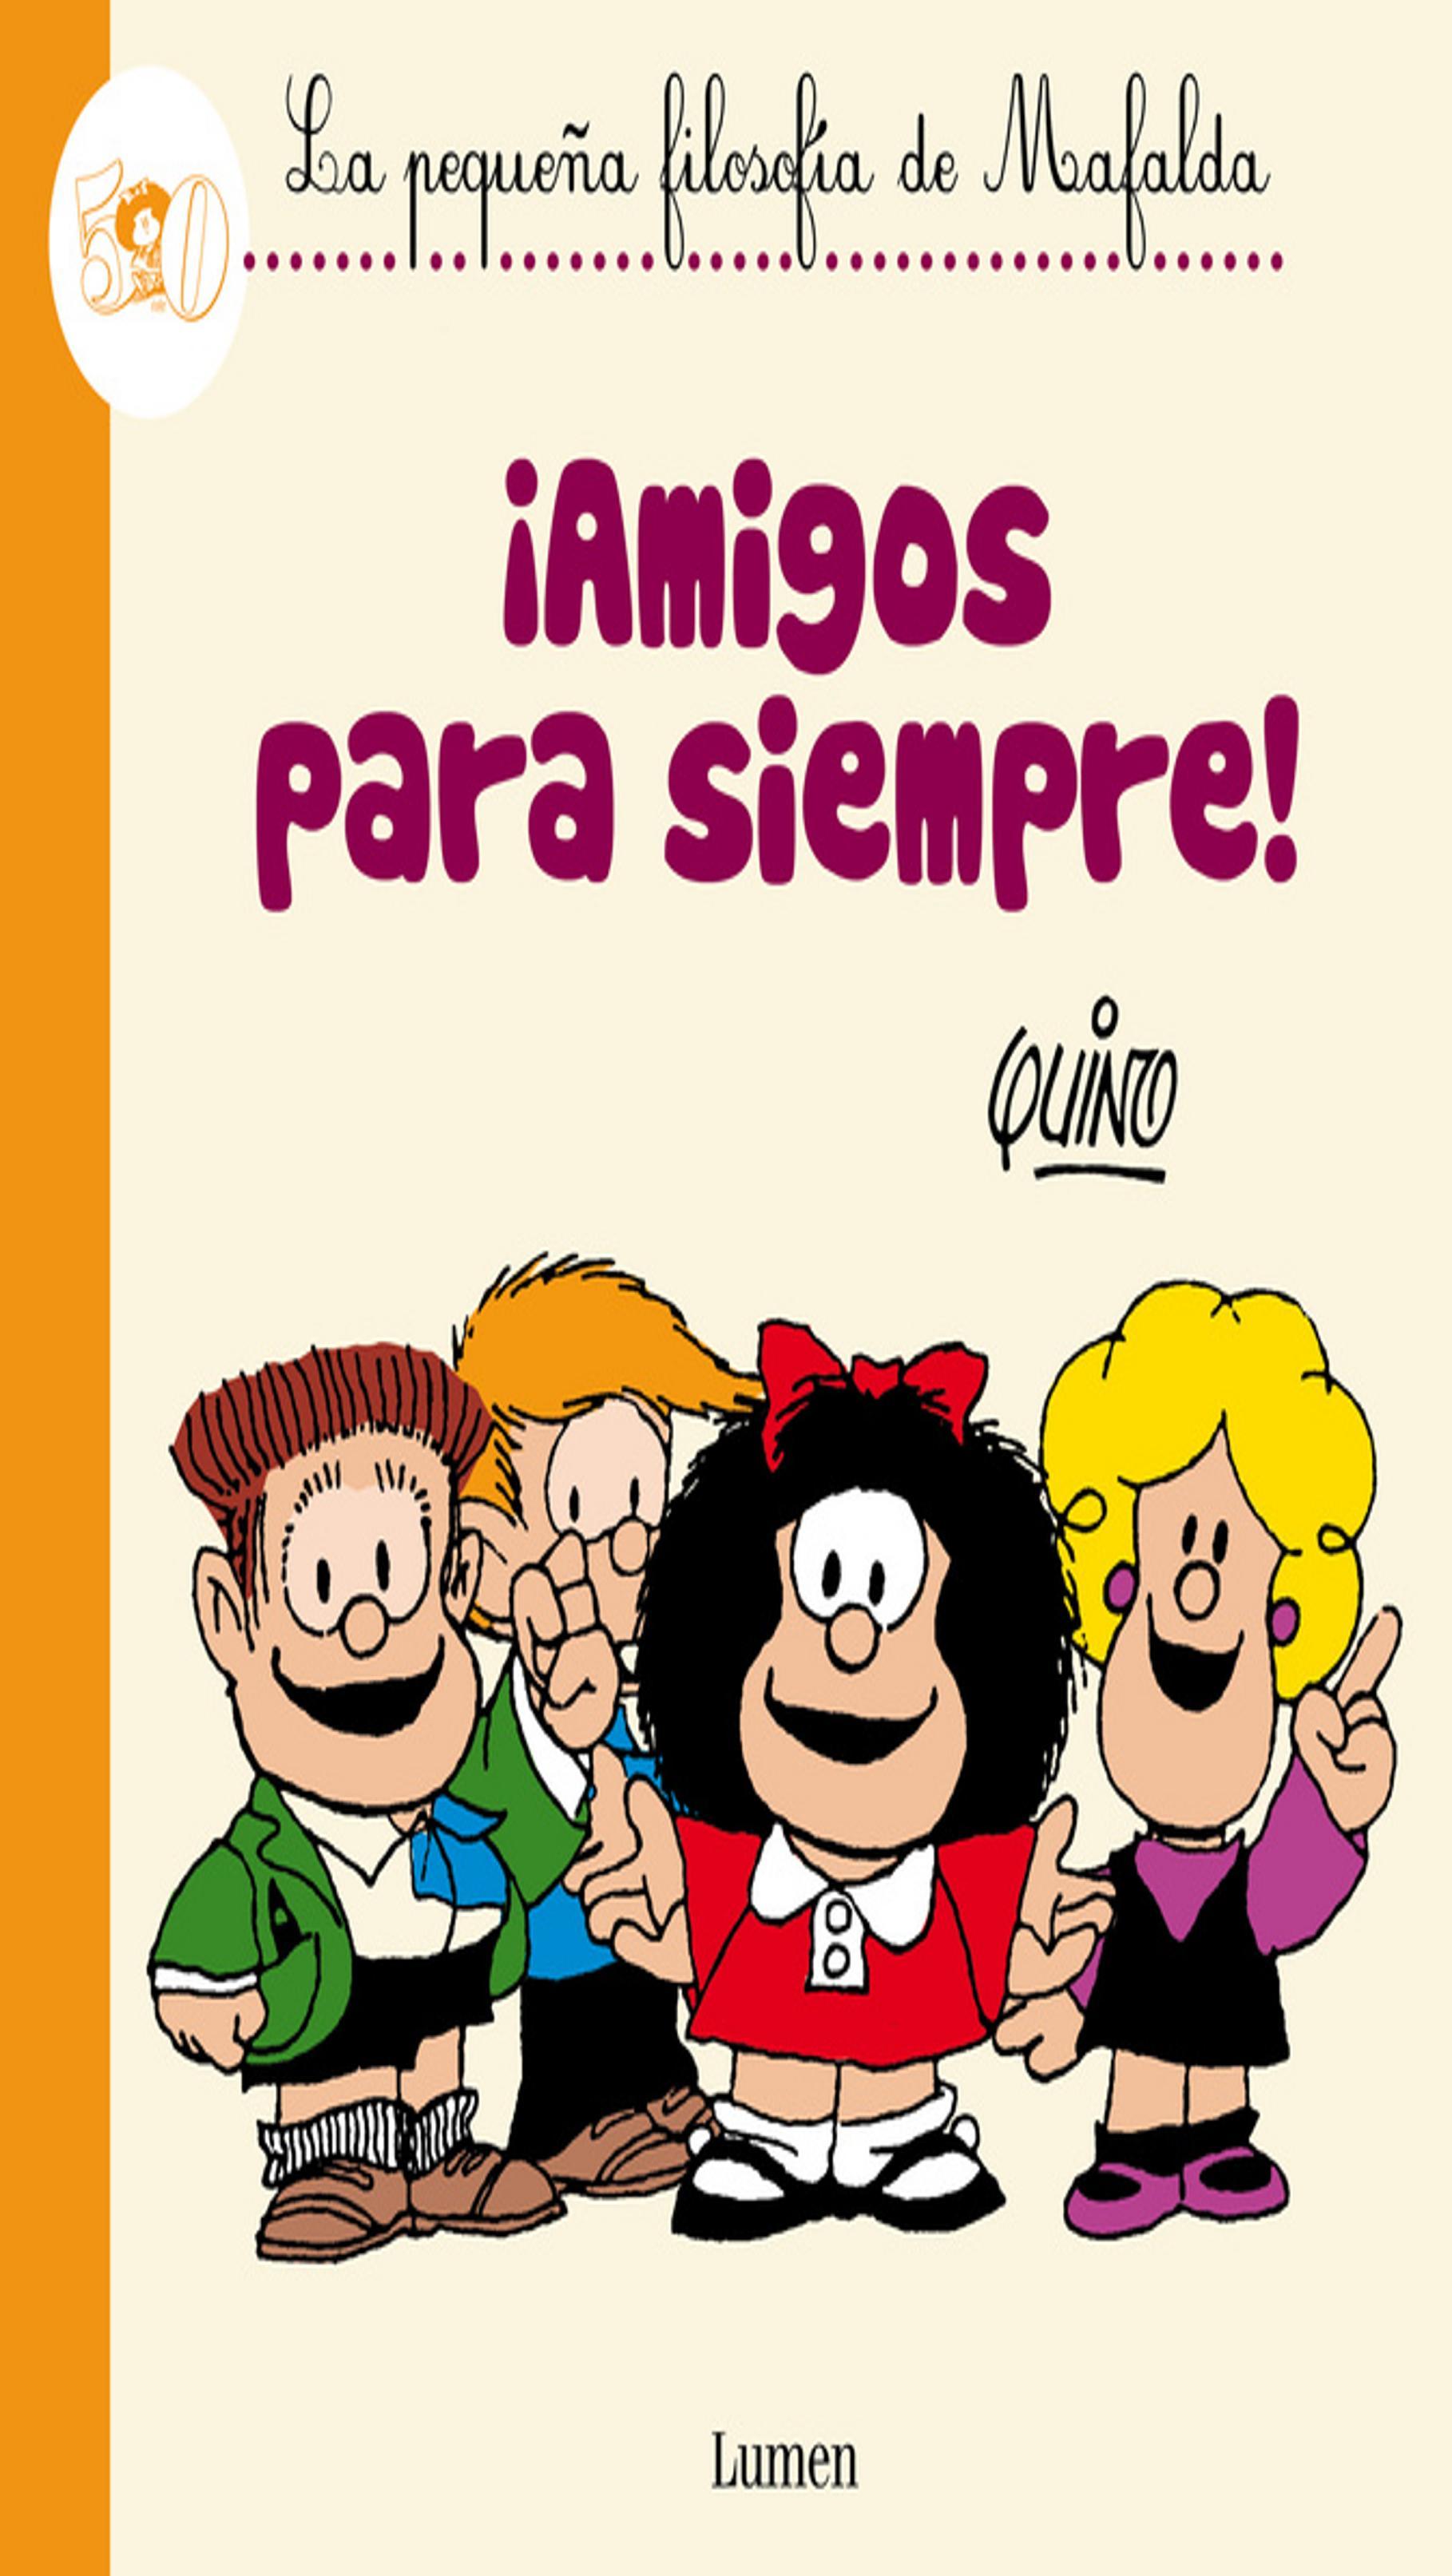 AMIGOS PARA SIEMPRE - Pequeña Filosofía de Mafalda